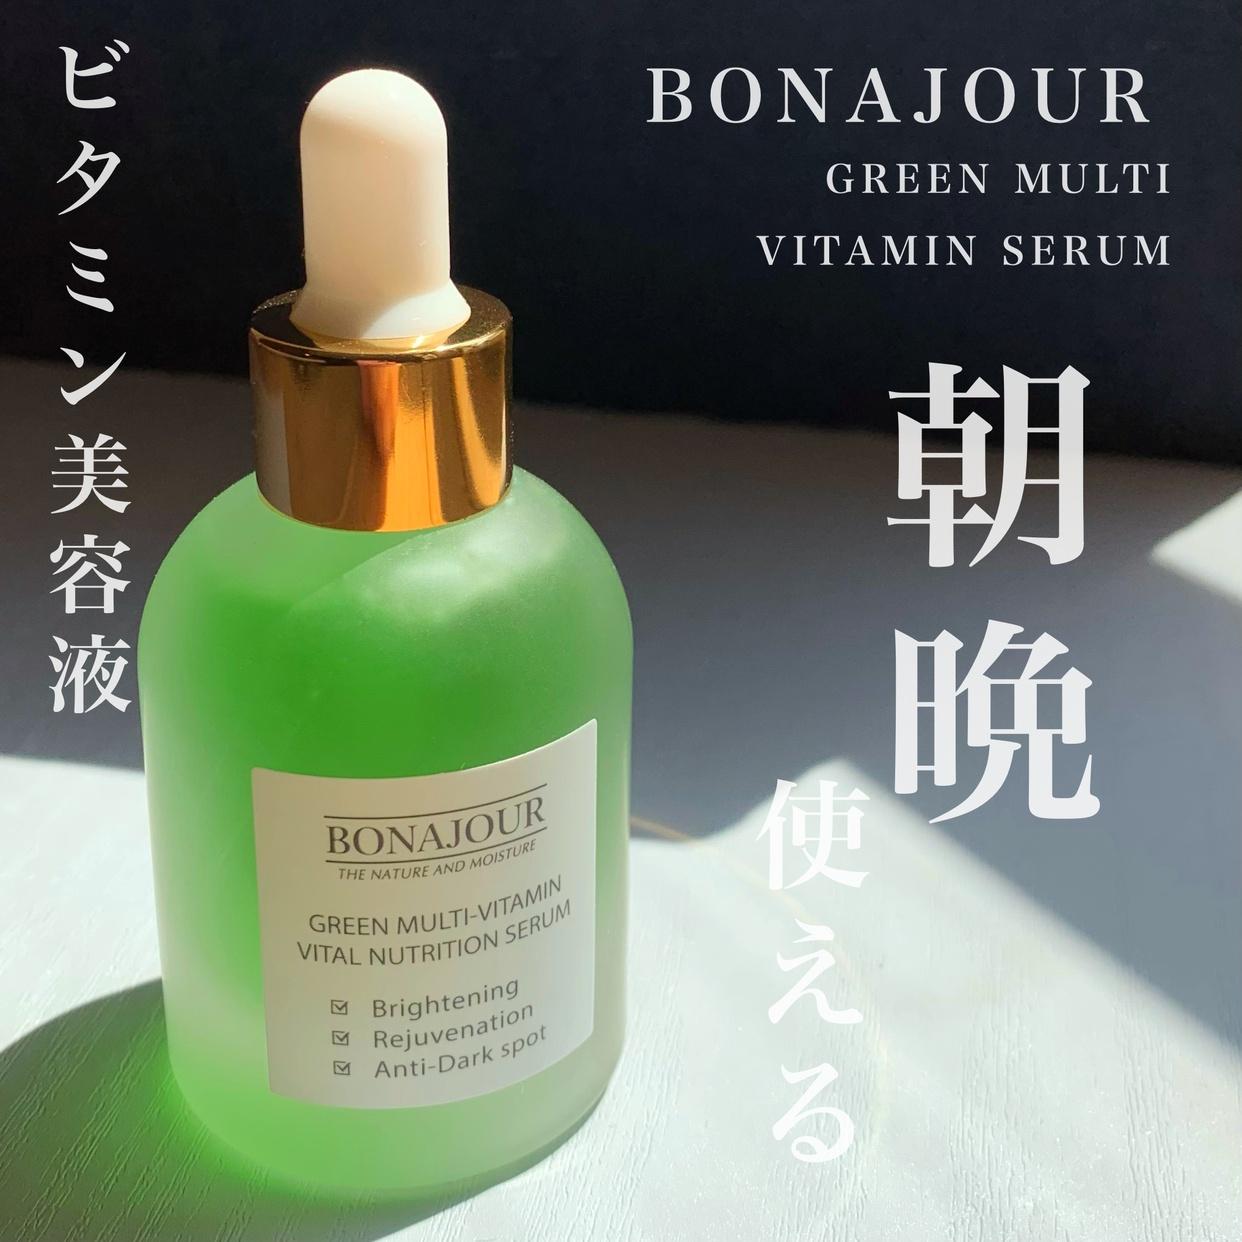 Bonajour(ボナジュール) グリーンビタミンセラムを使ったKeiさんのクチコミ画像1